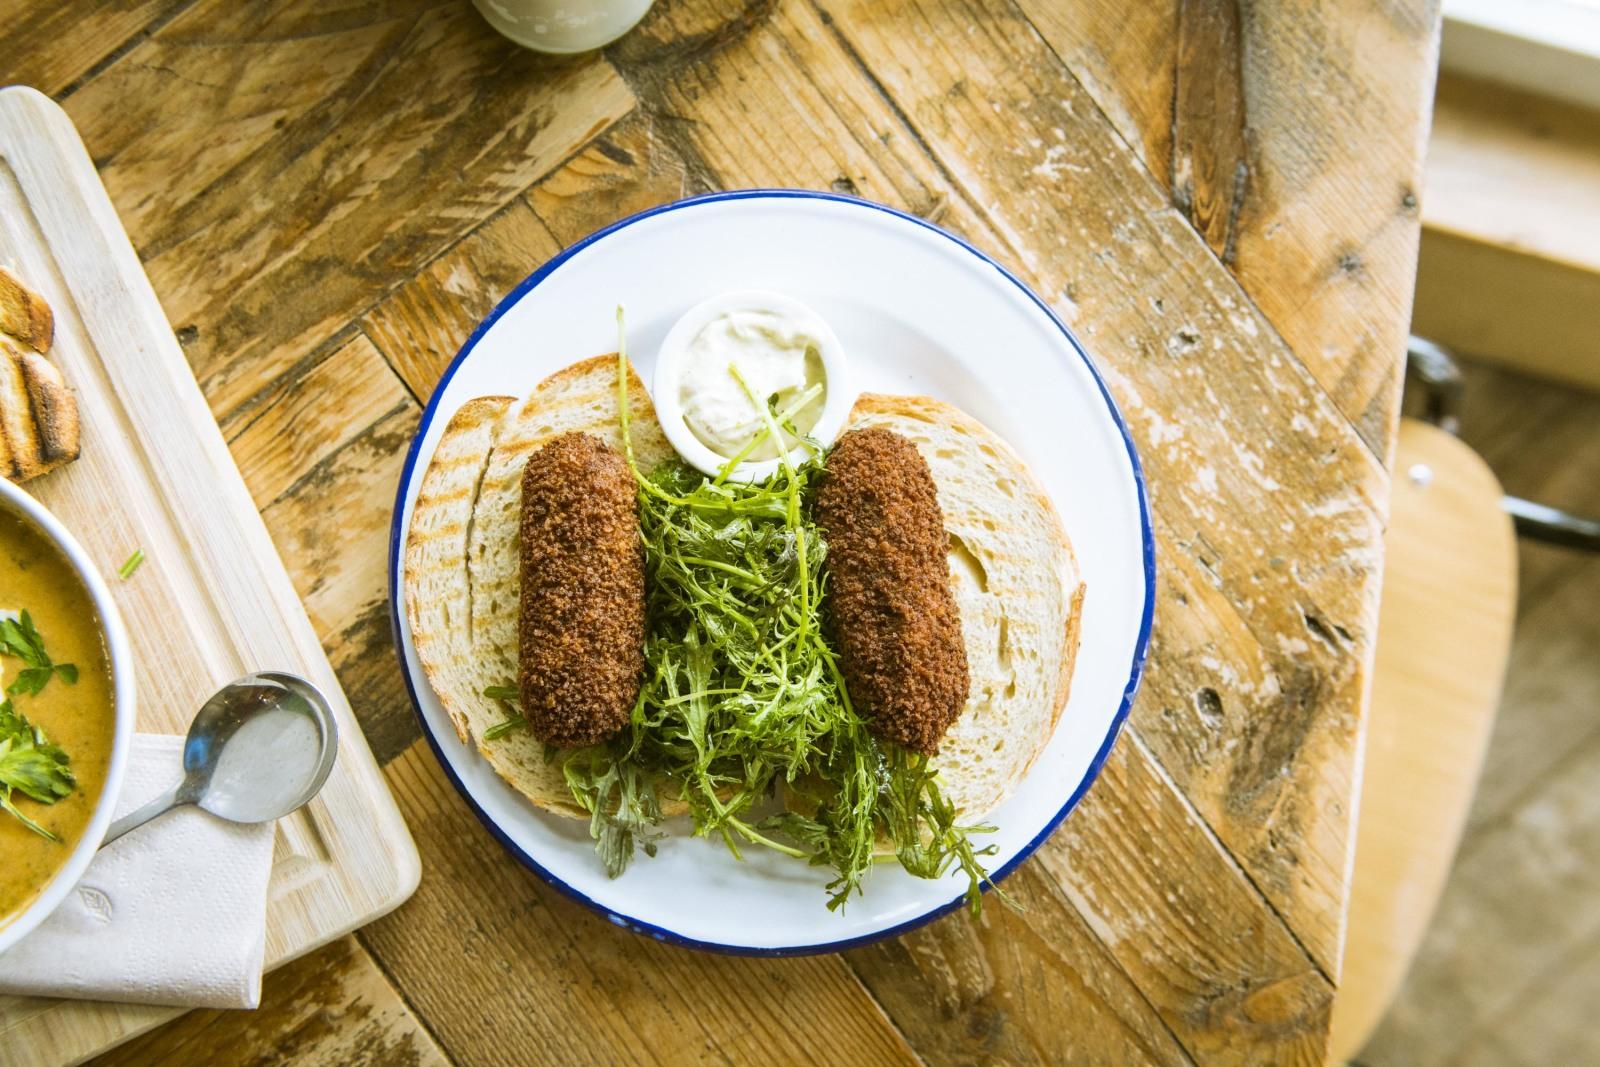 カフェやレストランのメニューも、同様のものが多いそう。写真はオランダの定番メニュークロケット。